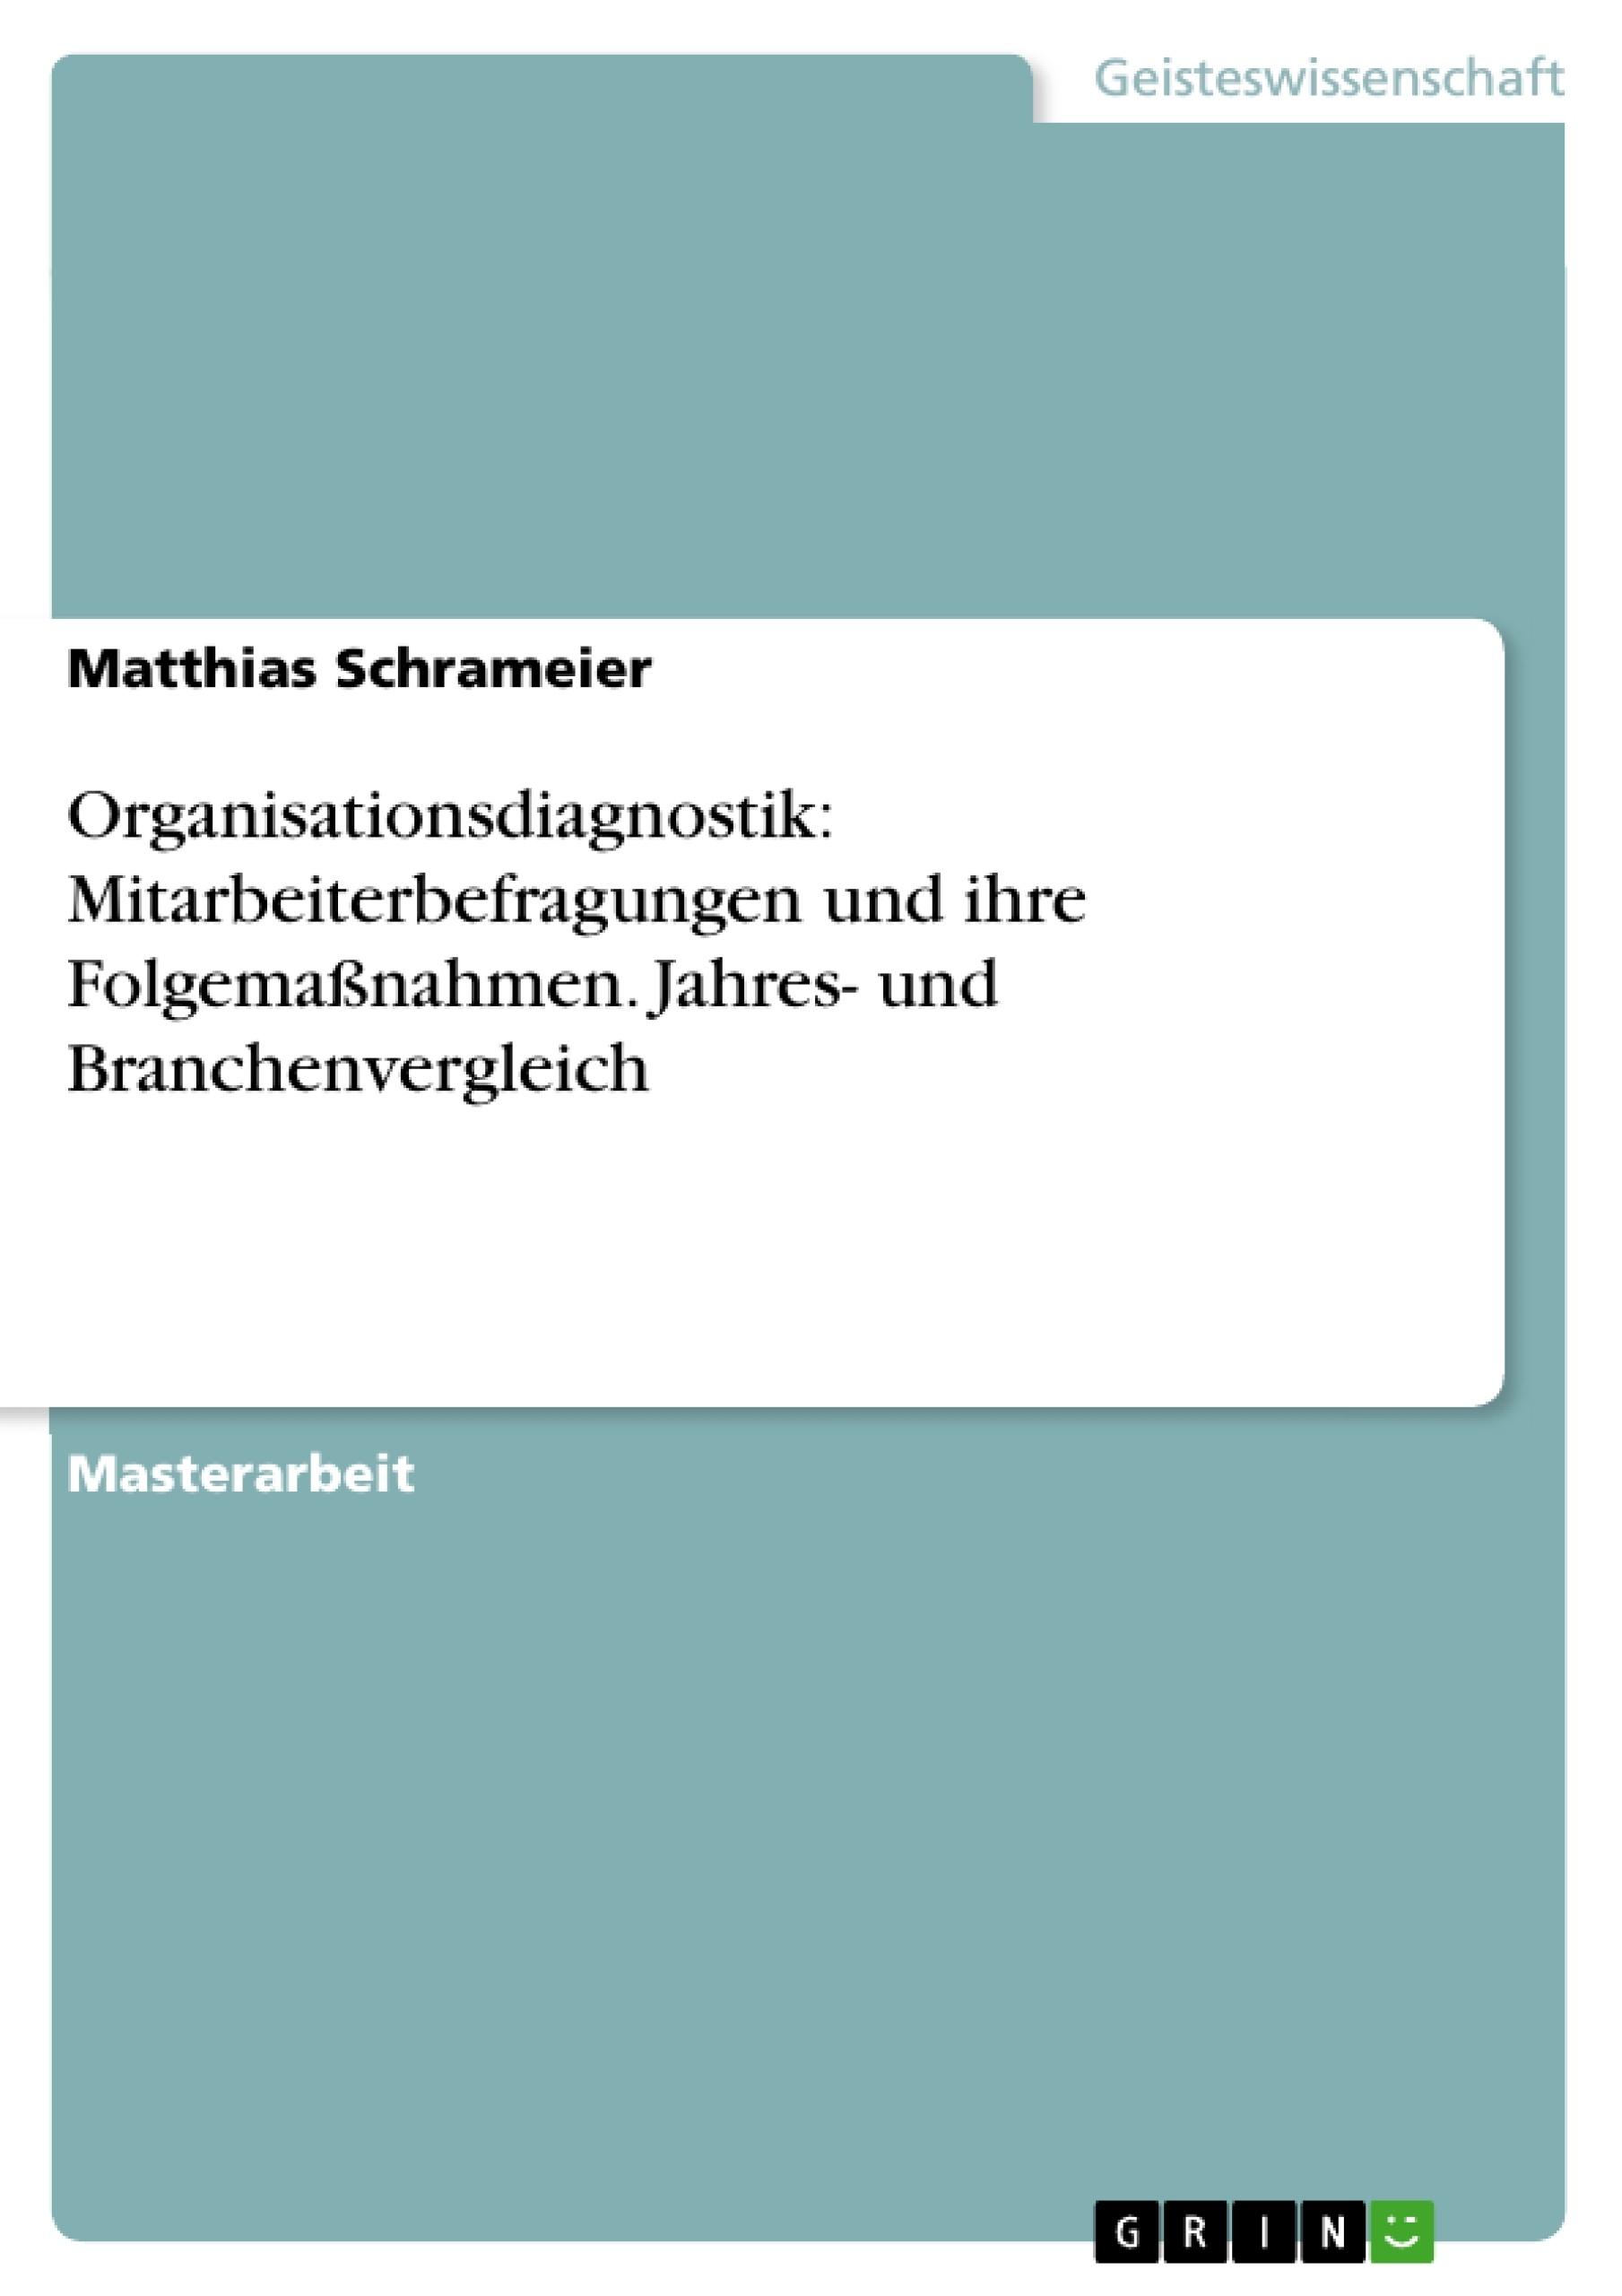 Titel: Organisationsdiagnostik: Mitarbeiterbefragungen und ihre Folgemaßnahmen.  Jahres- und Branchenvergleich